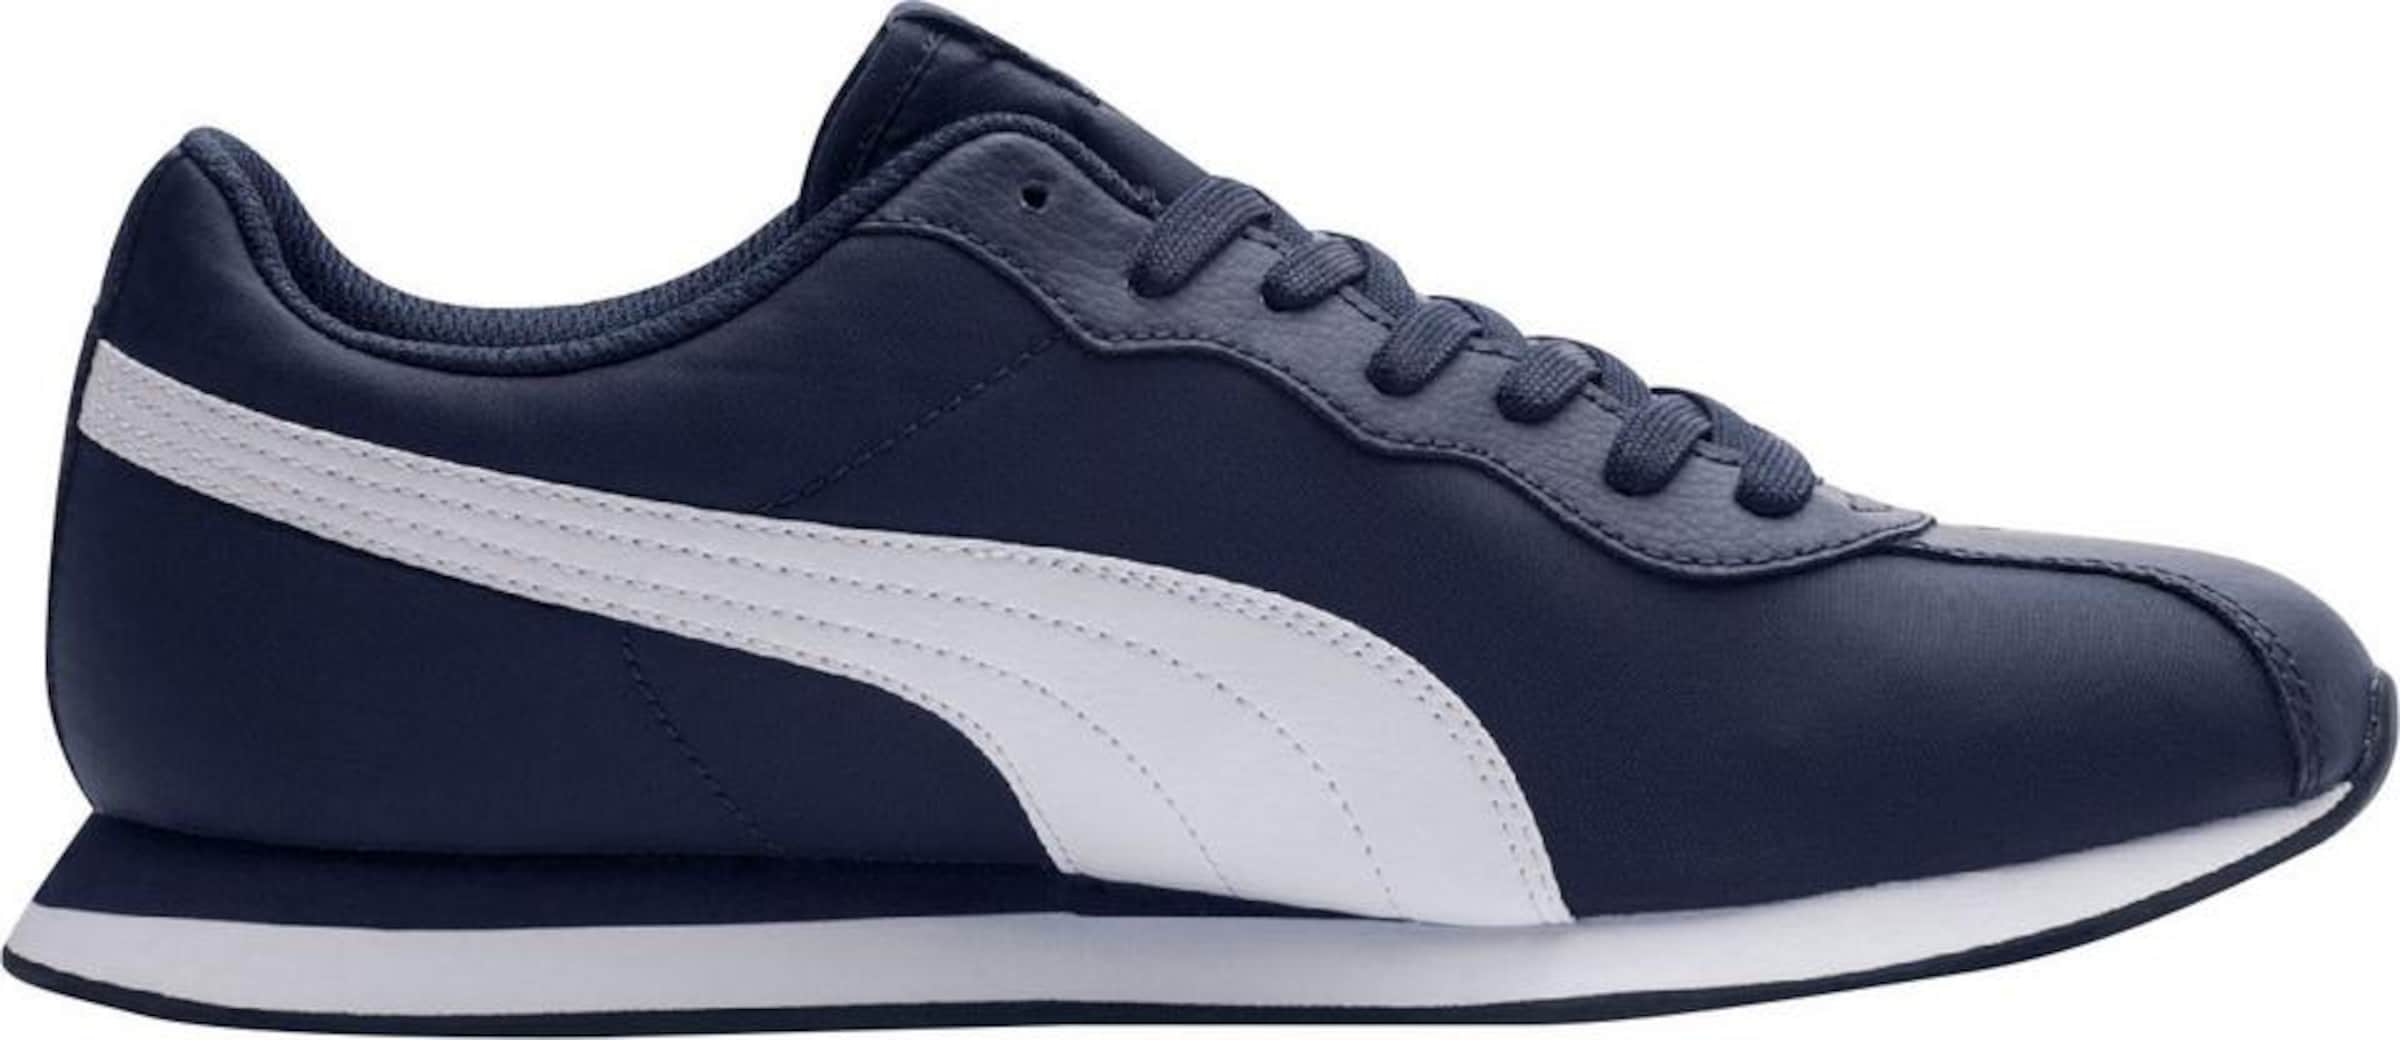 Puma In C4jlrq35a Sneaker Ii 'turin Nl' Marineweiß WIED2H9